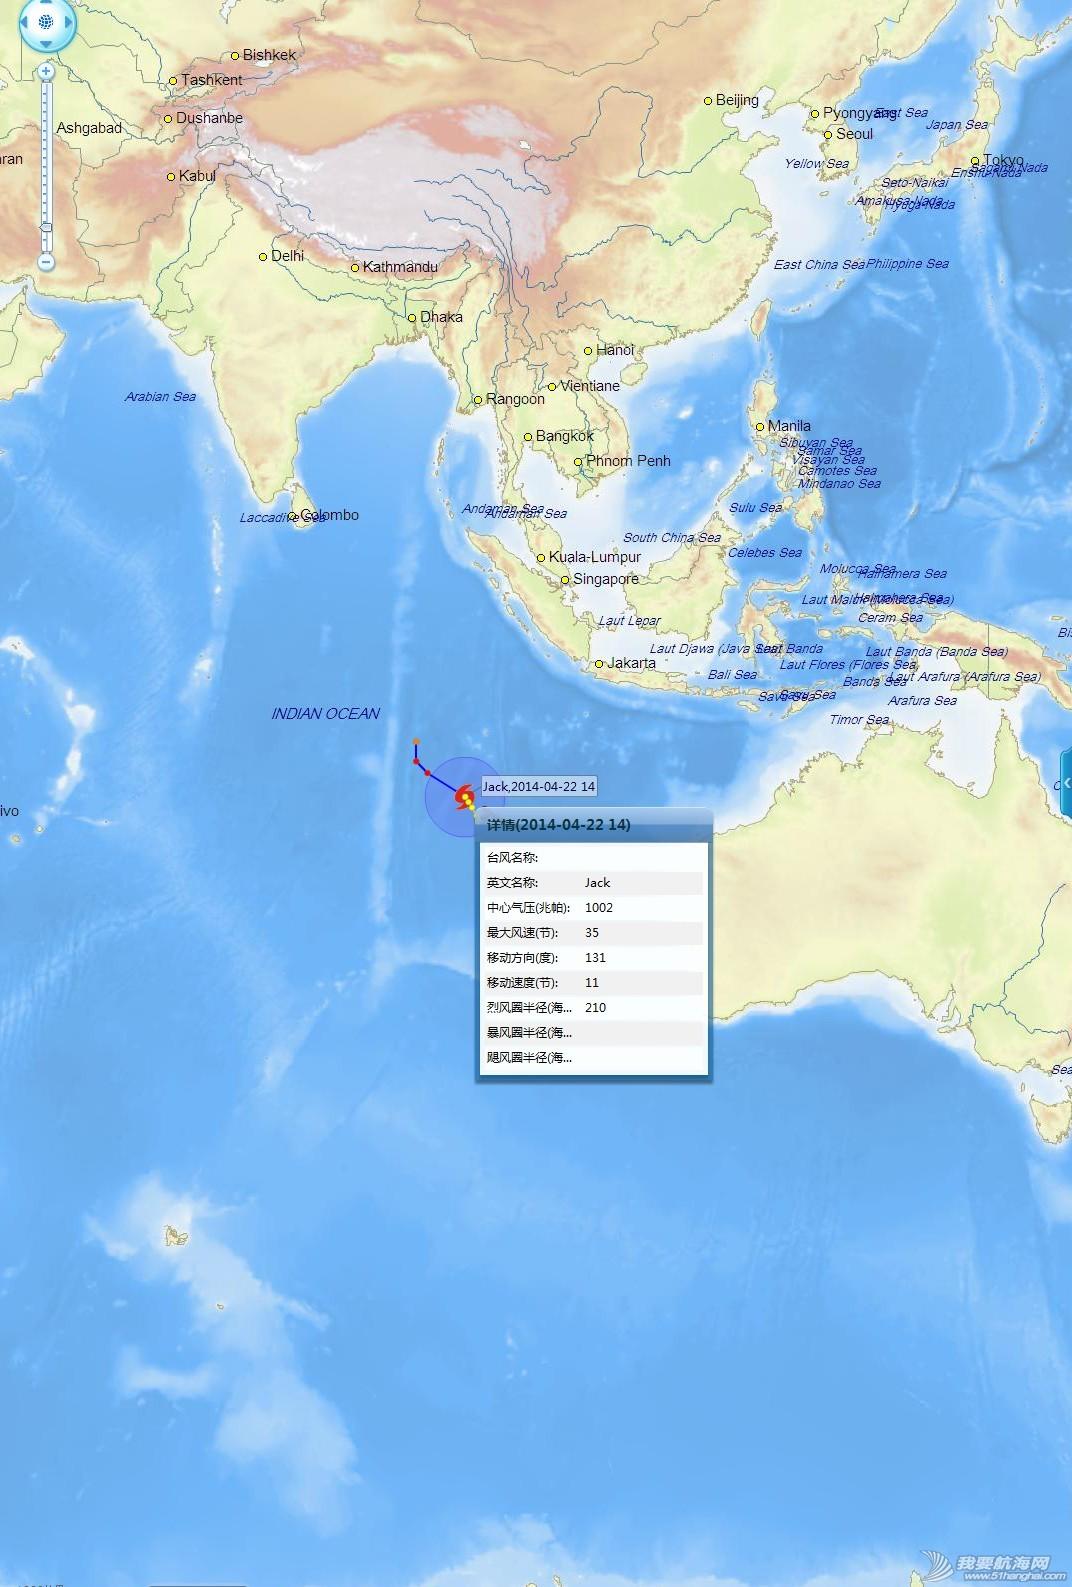 印度洋 【印度洋台风】20140422印度洋台风预报 QQ图片20140422225718.jpg